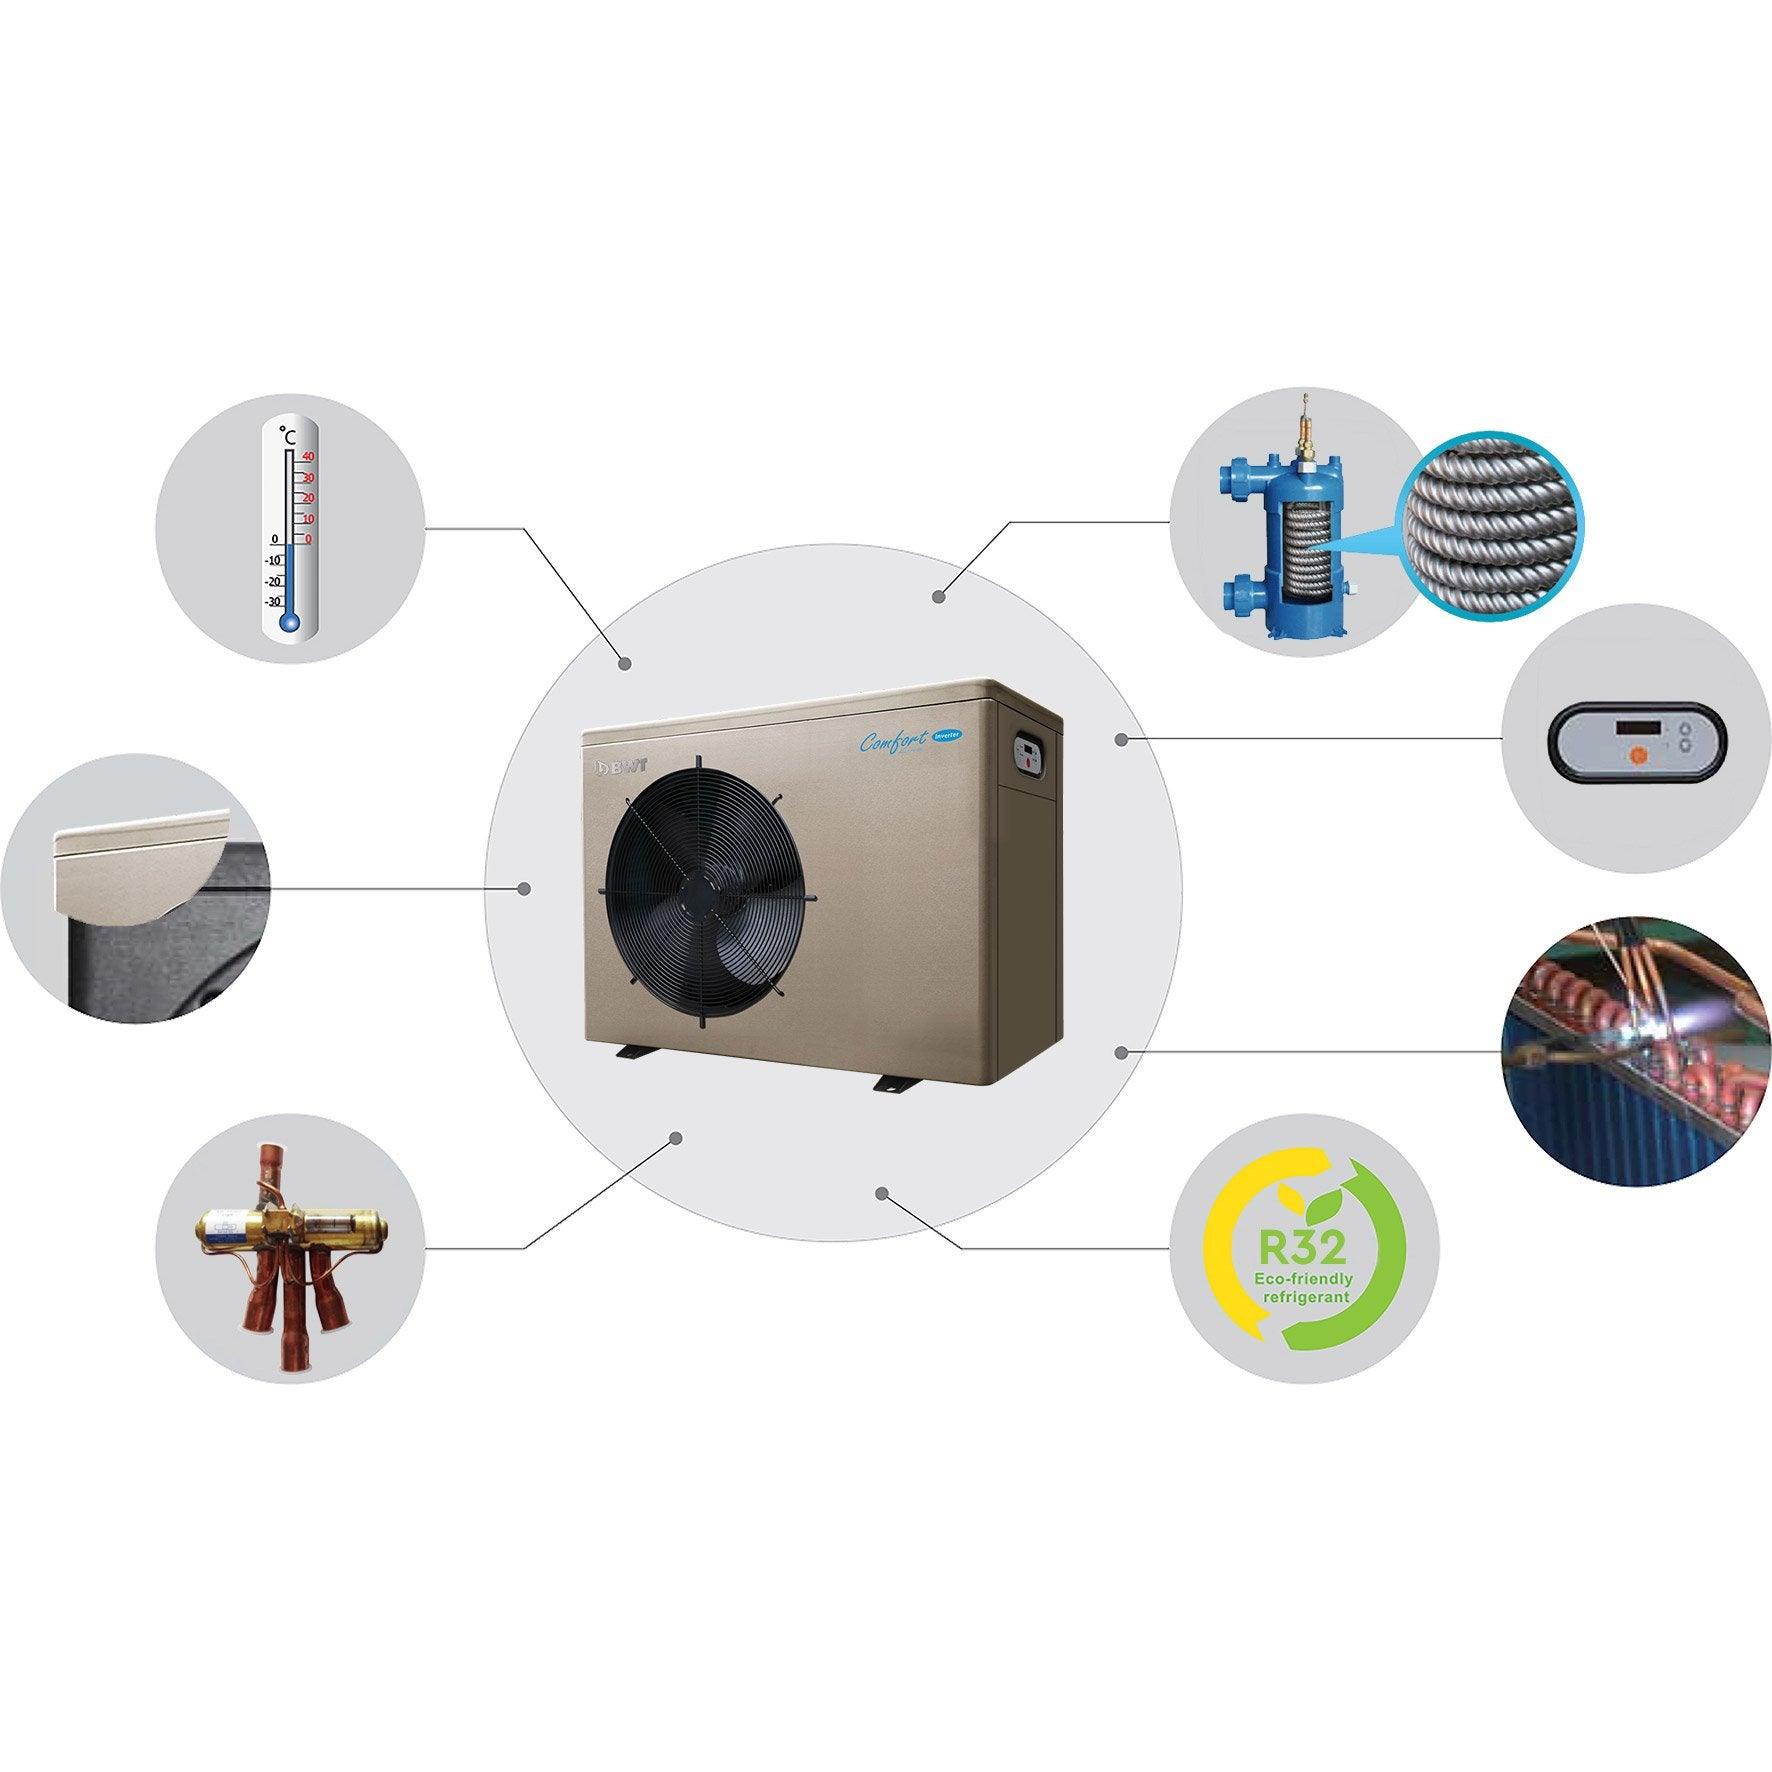 Pompe A Chaleur Pour Piscine Bwt Mypool Inverter 5kw 3 W Pompe A Chaleur Piscine Et Economies D Energie